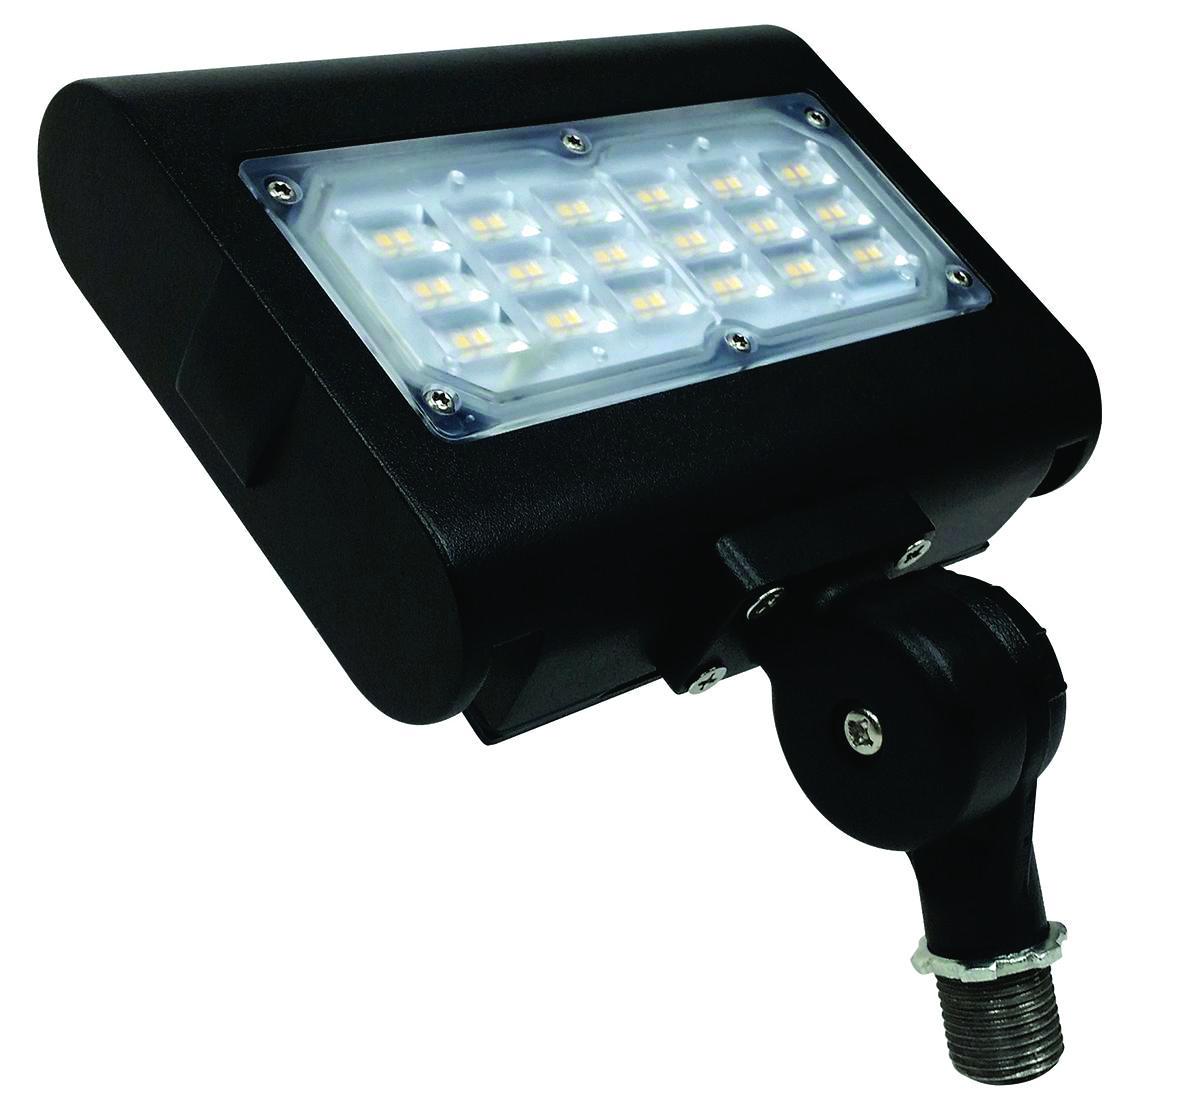 Rab Design 082051 Led Flood Light Not Exchangeable Lamp